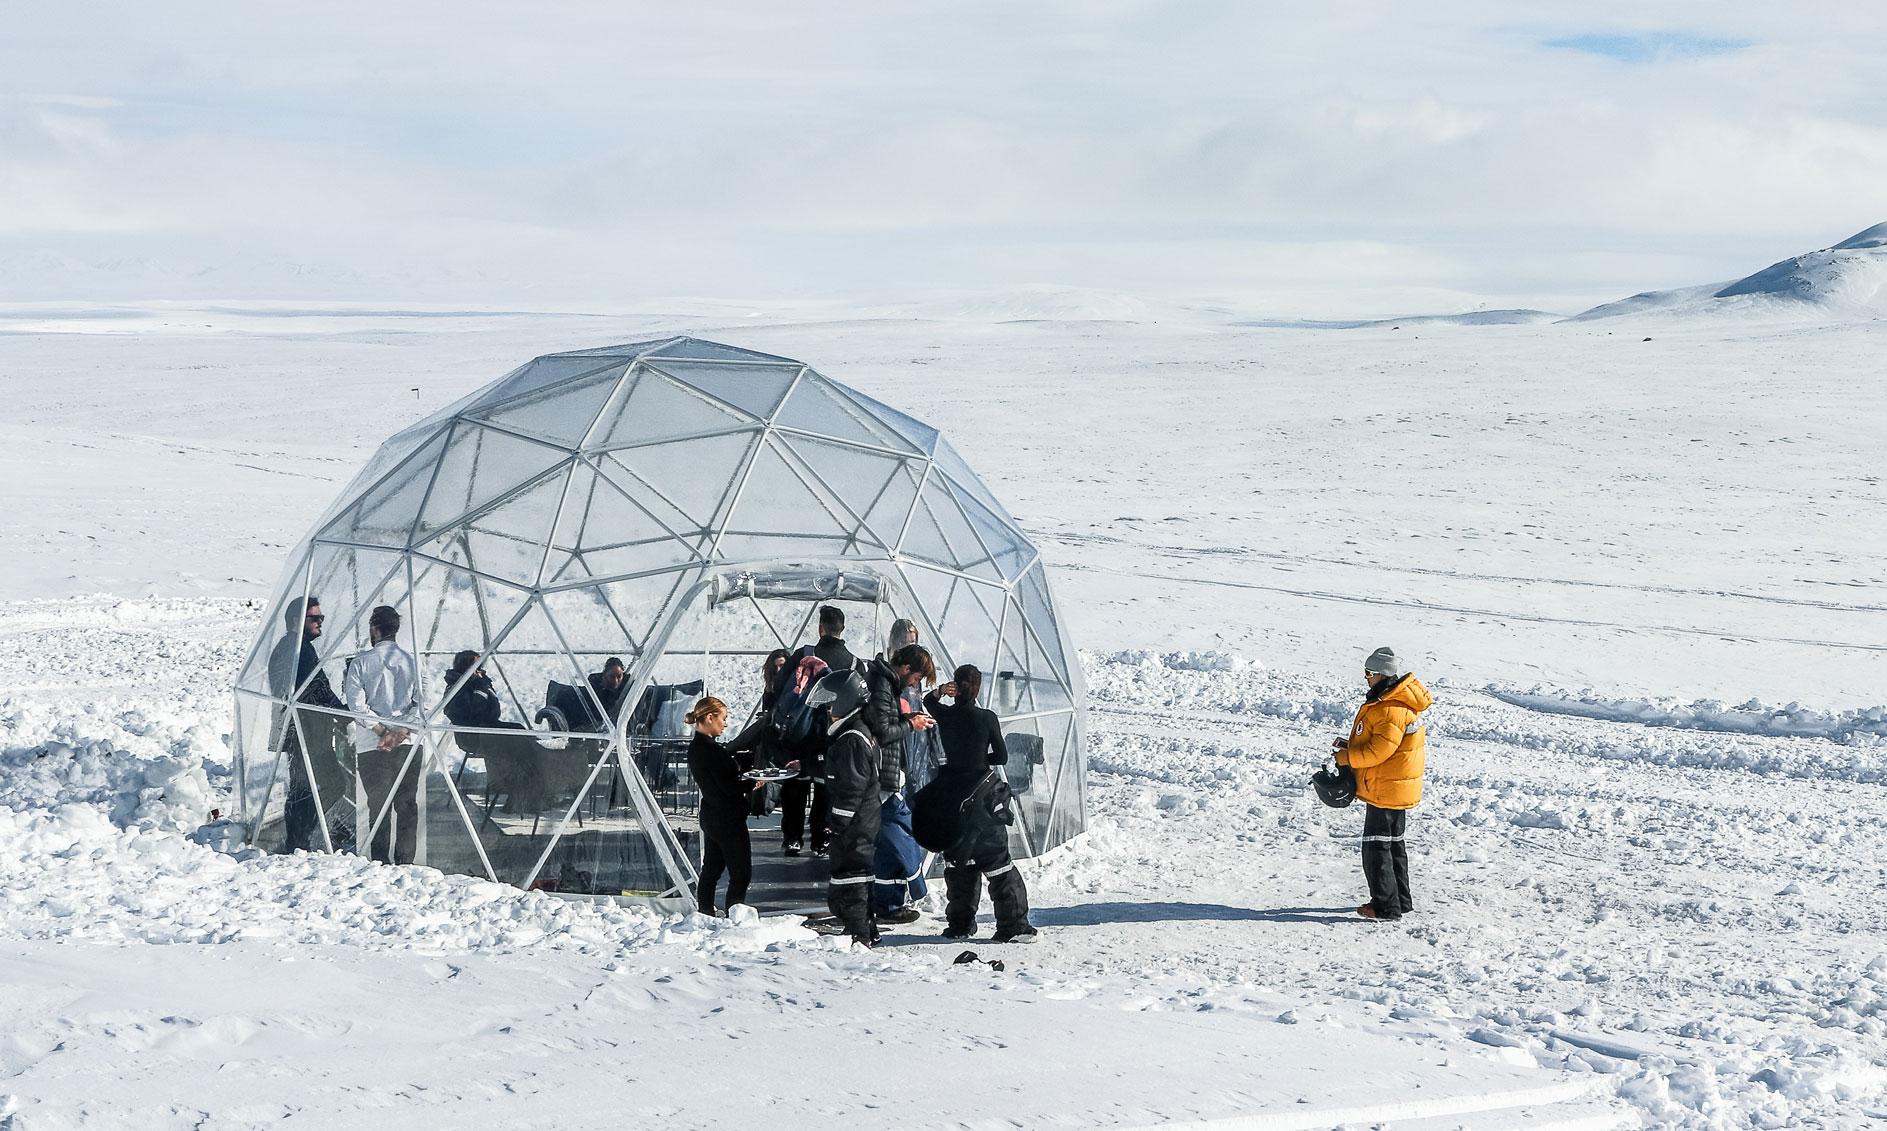 dôme géodésique sur un glacier en Islande pour Narciso Rodriguez